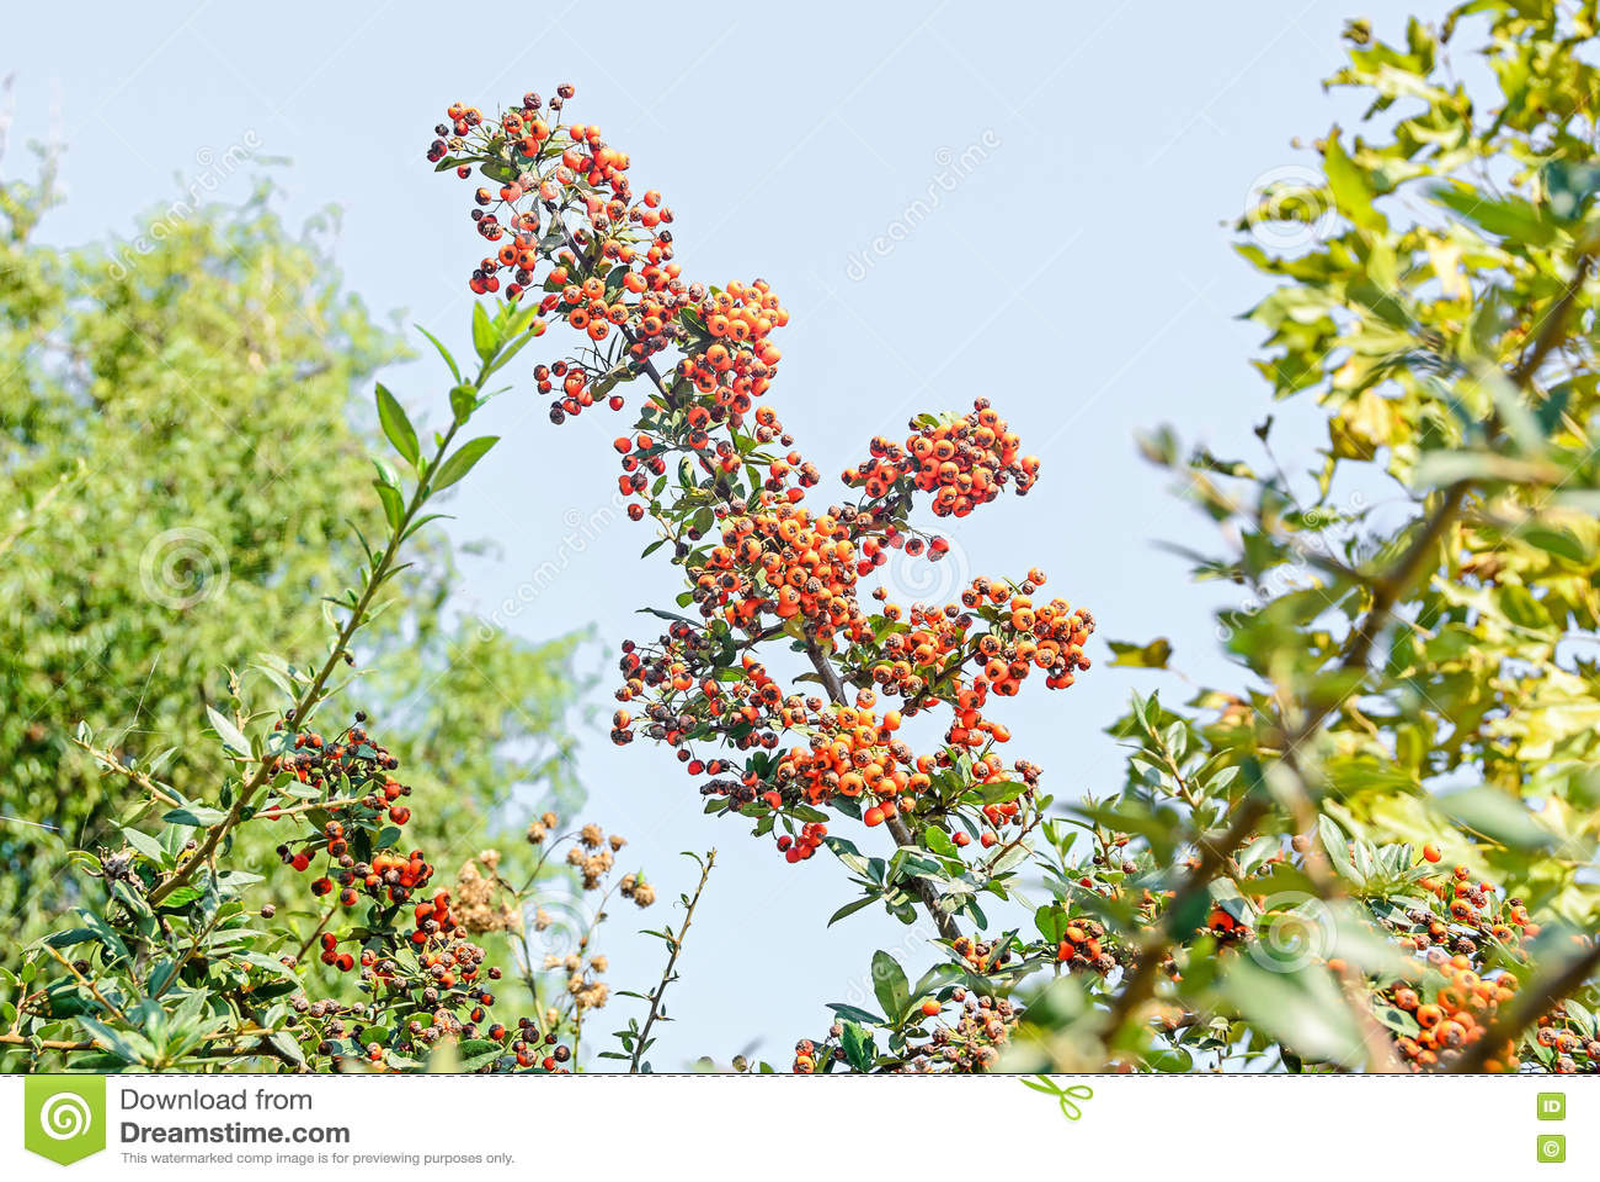 Coccinea do Pyracantha, o escarlate do arbusto do firethorn